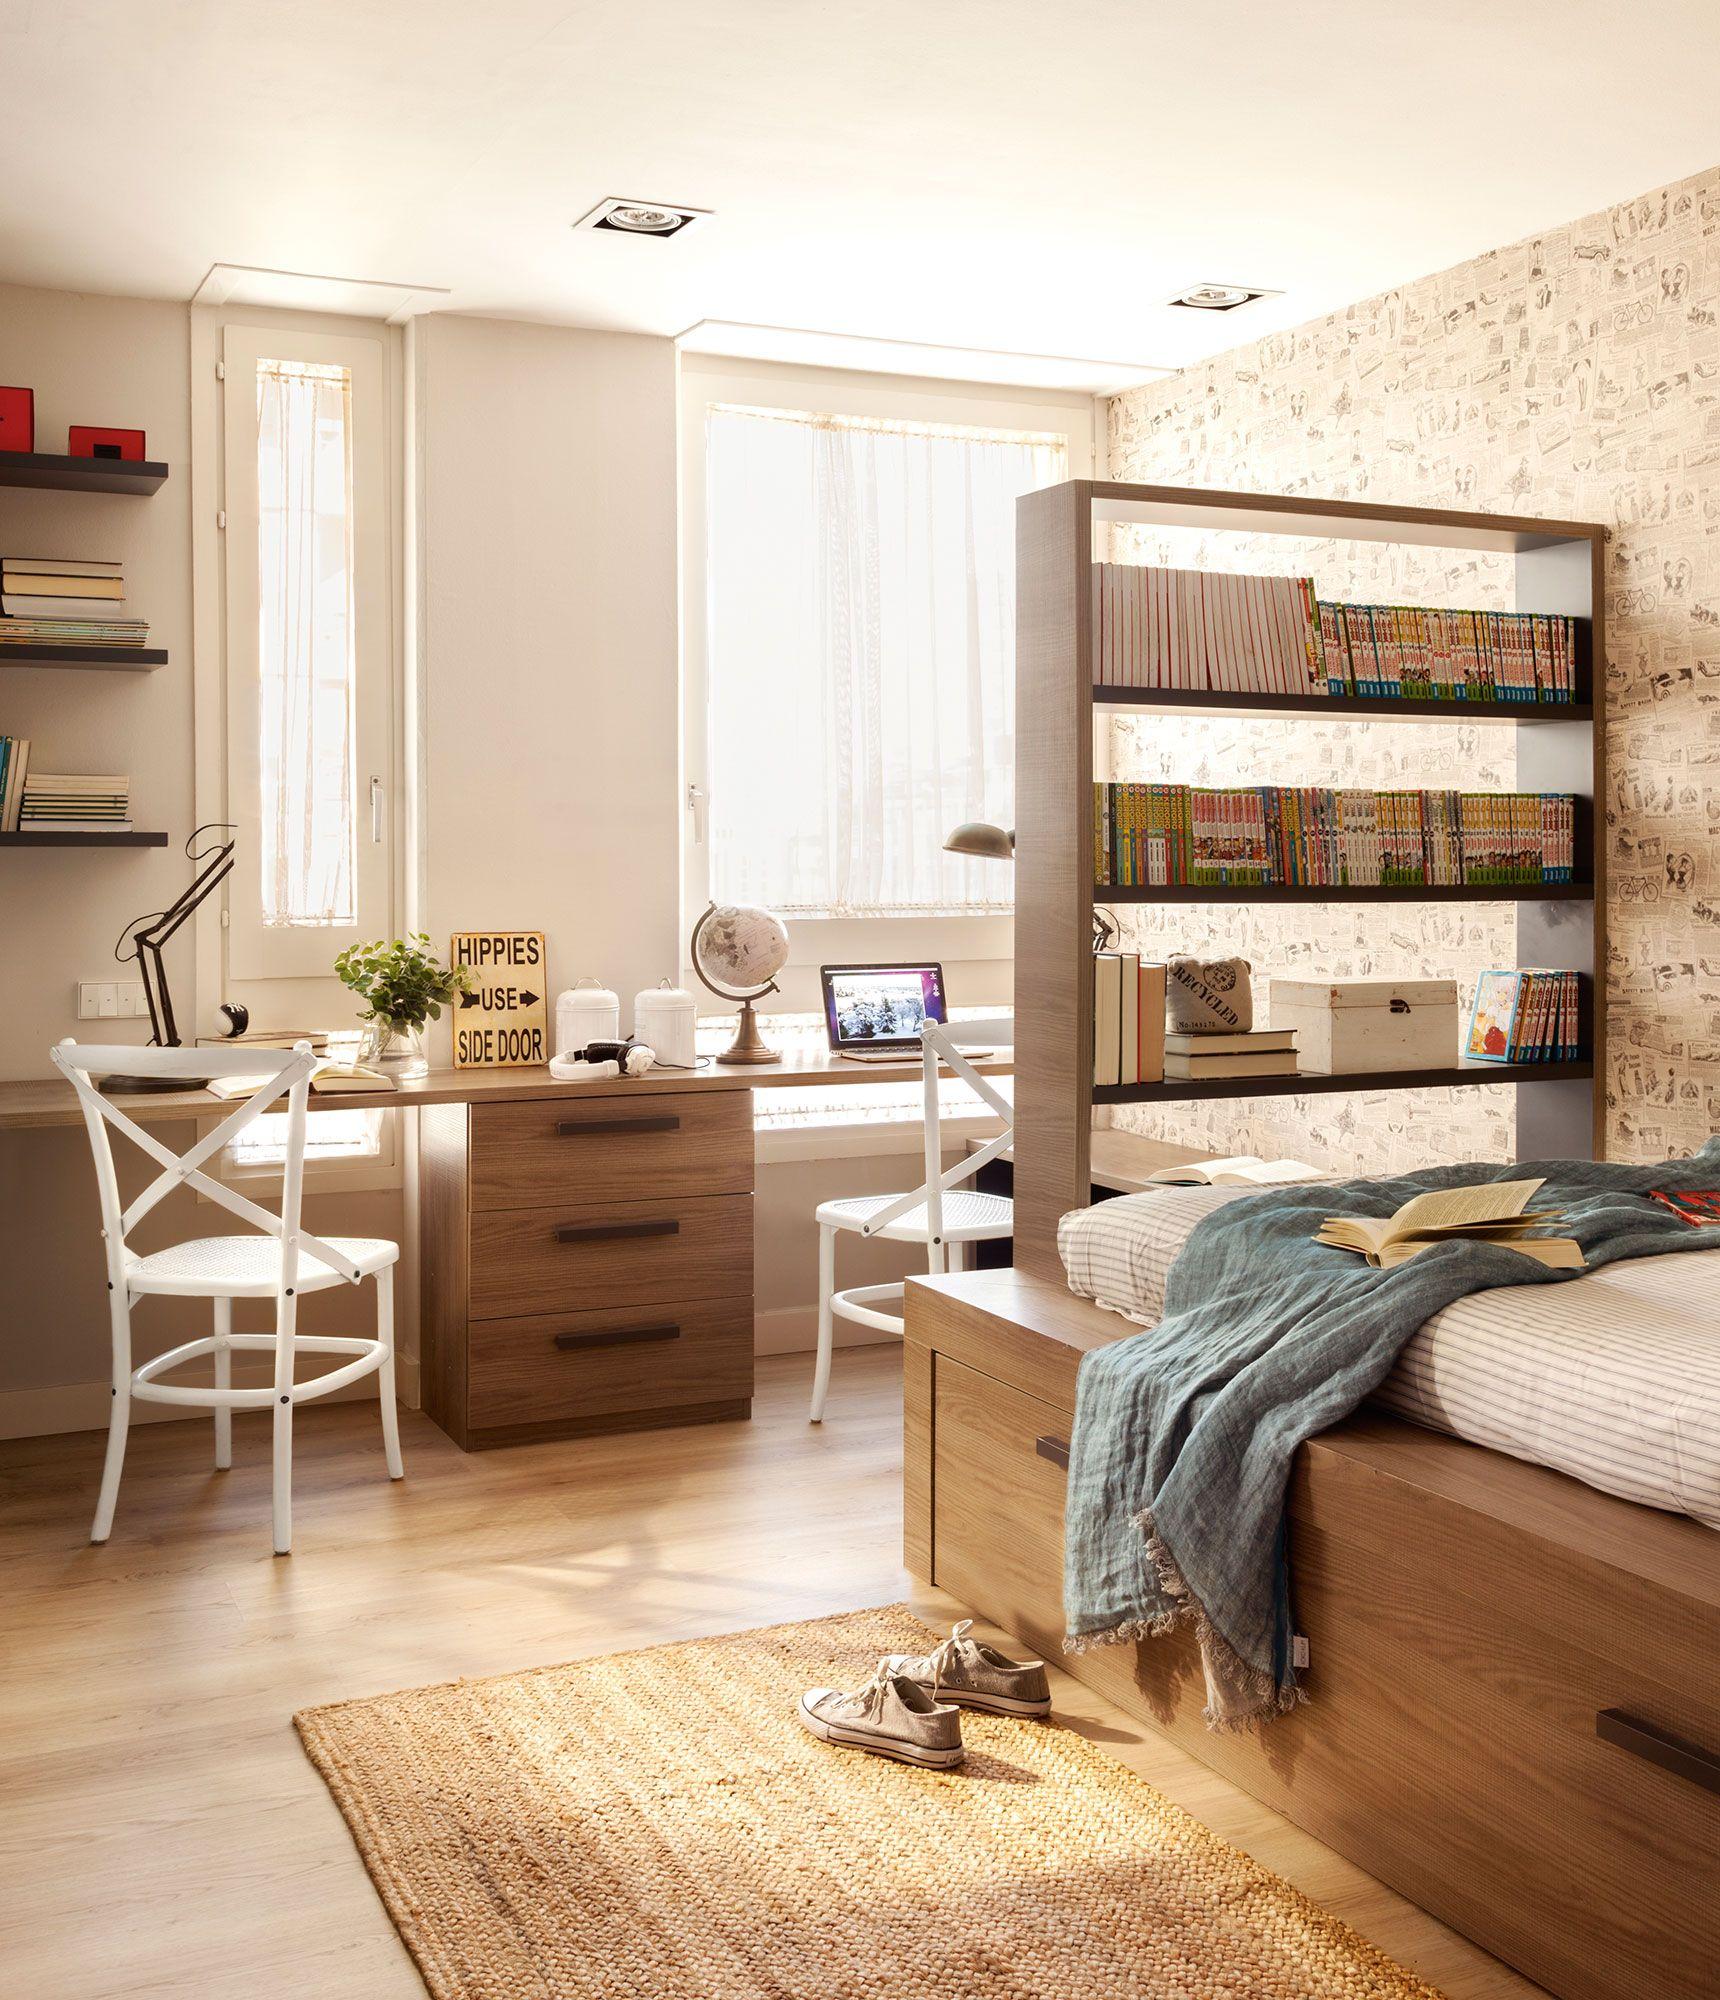 Dormitorio juvenil con cama con y escritorio doble - Ideas decoracion habitacion juvenil ...